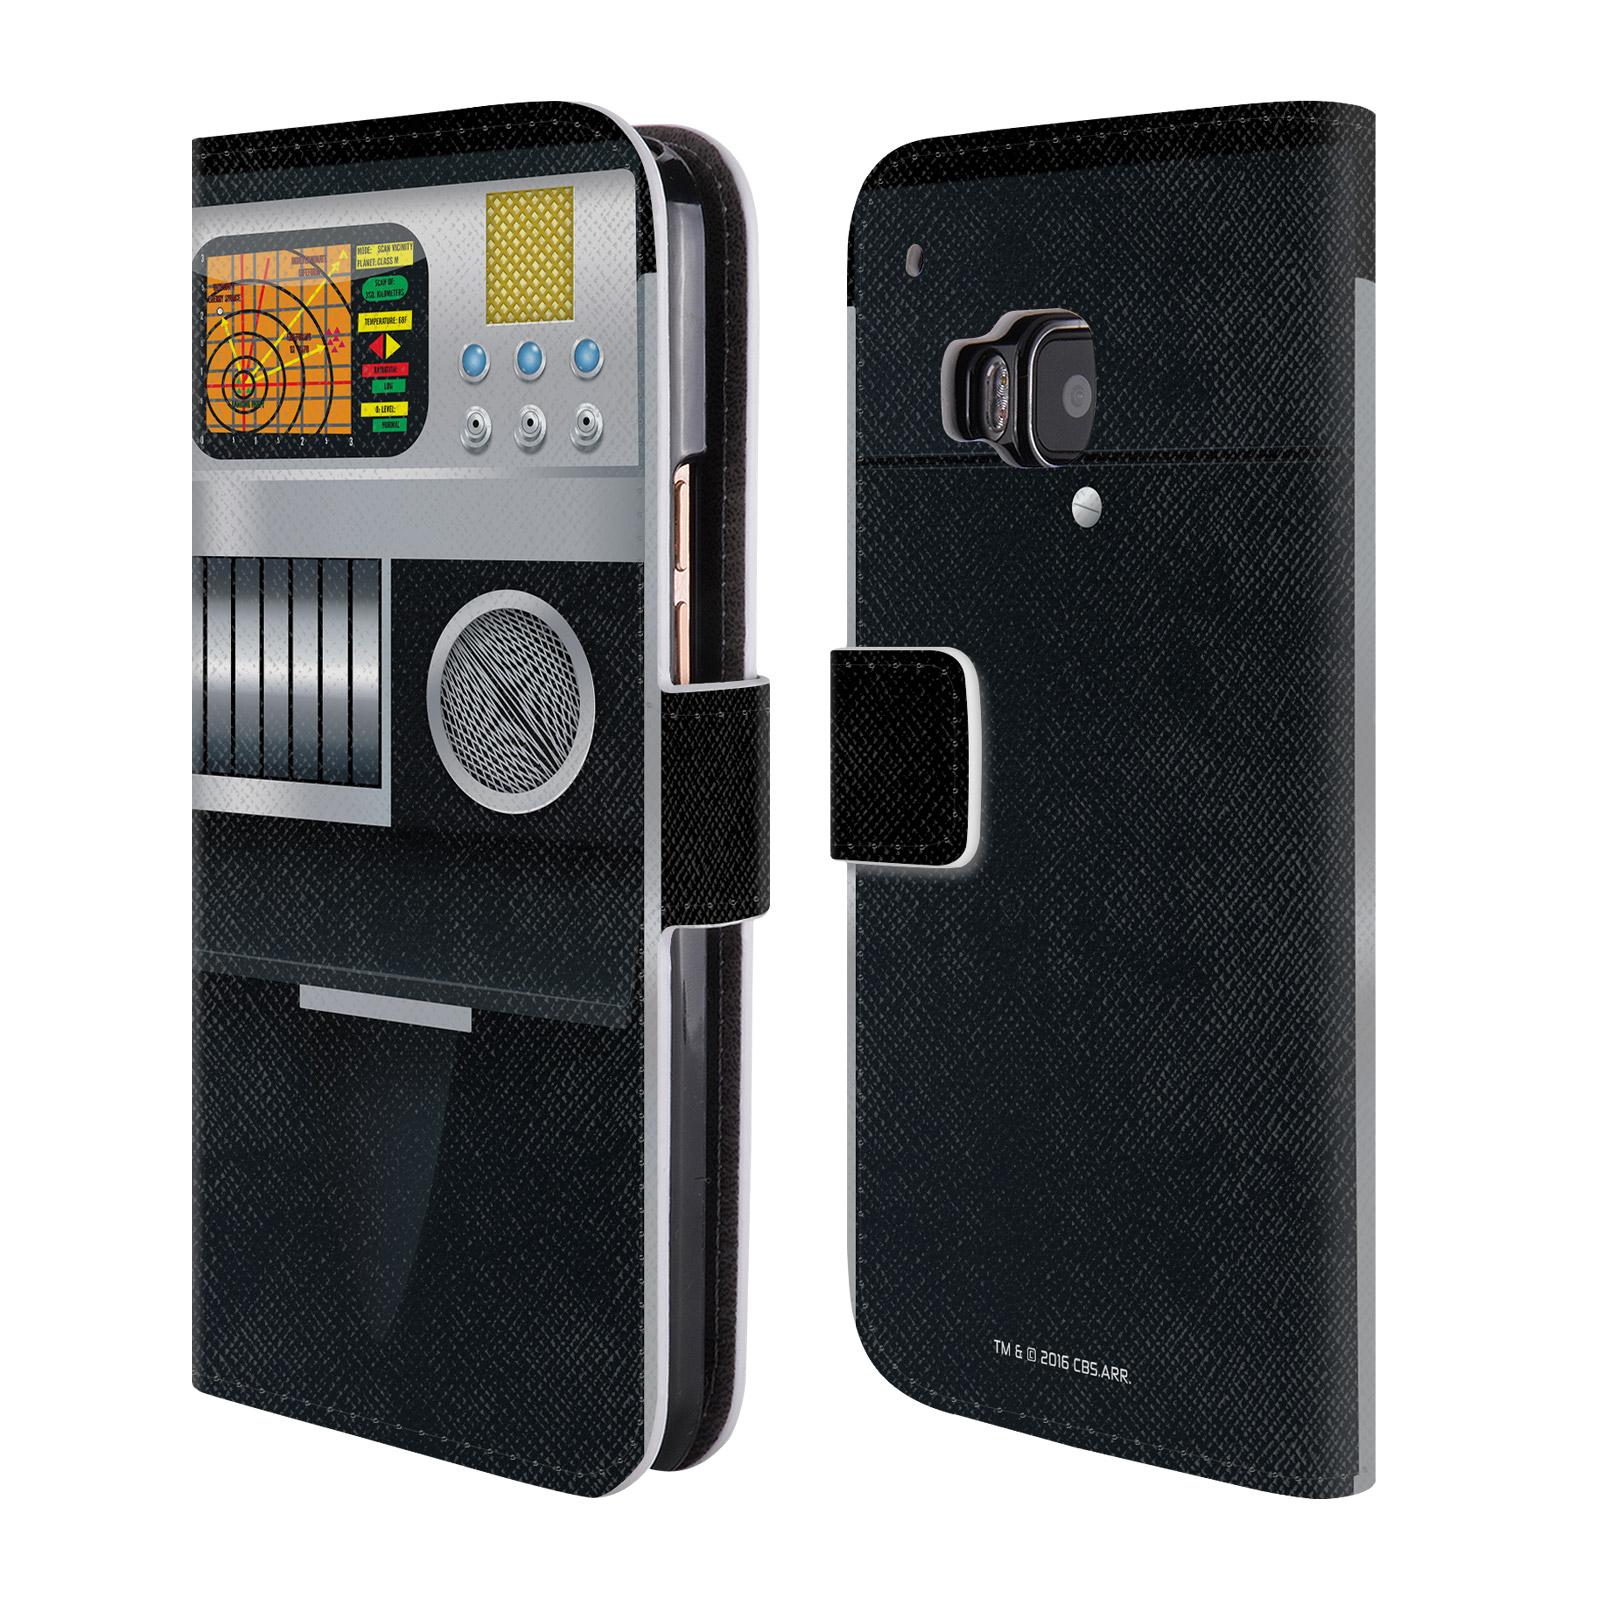 offizielle star trek gadgets brieftasche handyh lle aus. Black Bedroom Furniture Sets. Home Design Ideas